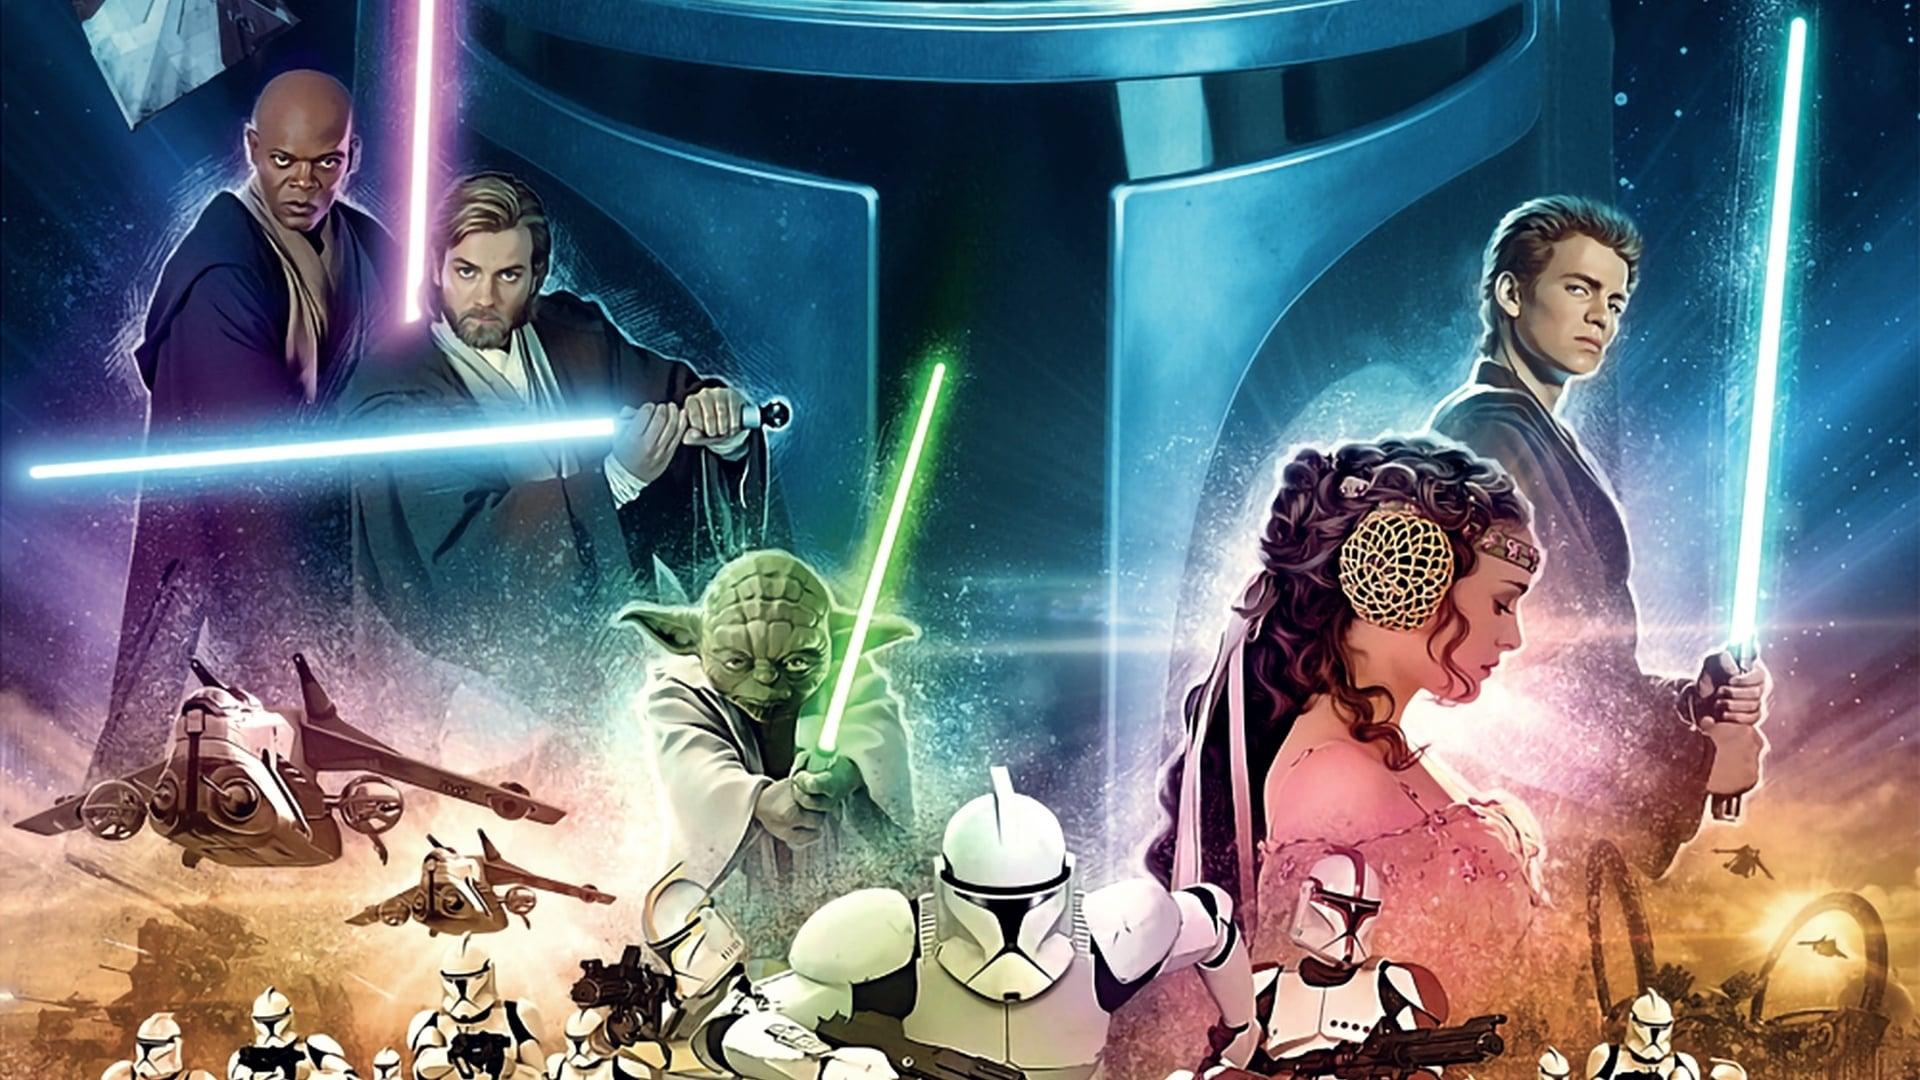 สตาร์ วอร์ส ภาค 2 (Star Wars Episode 2)